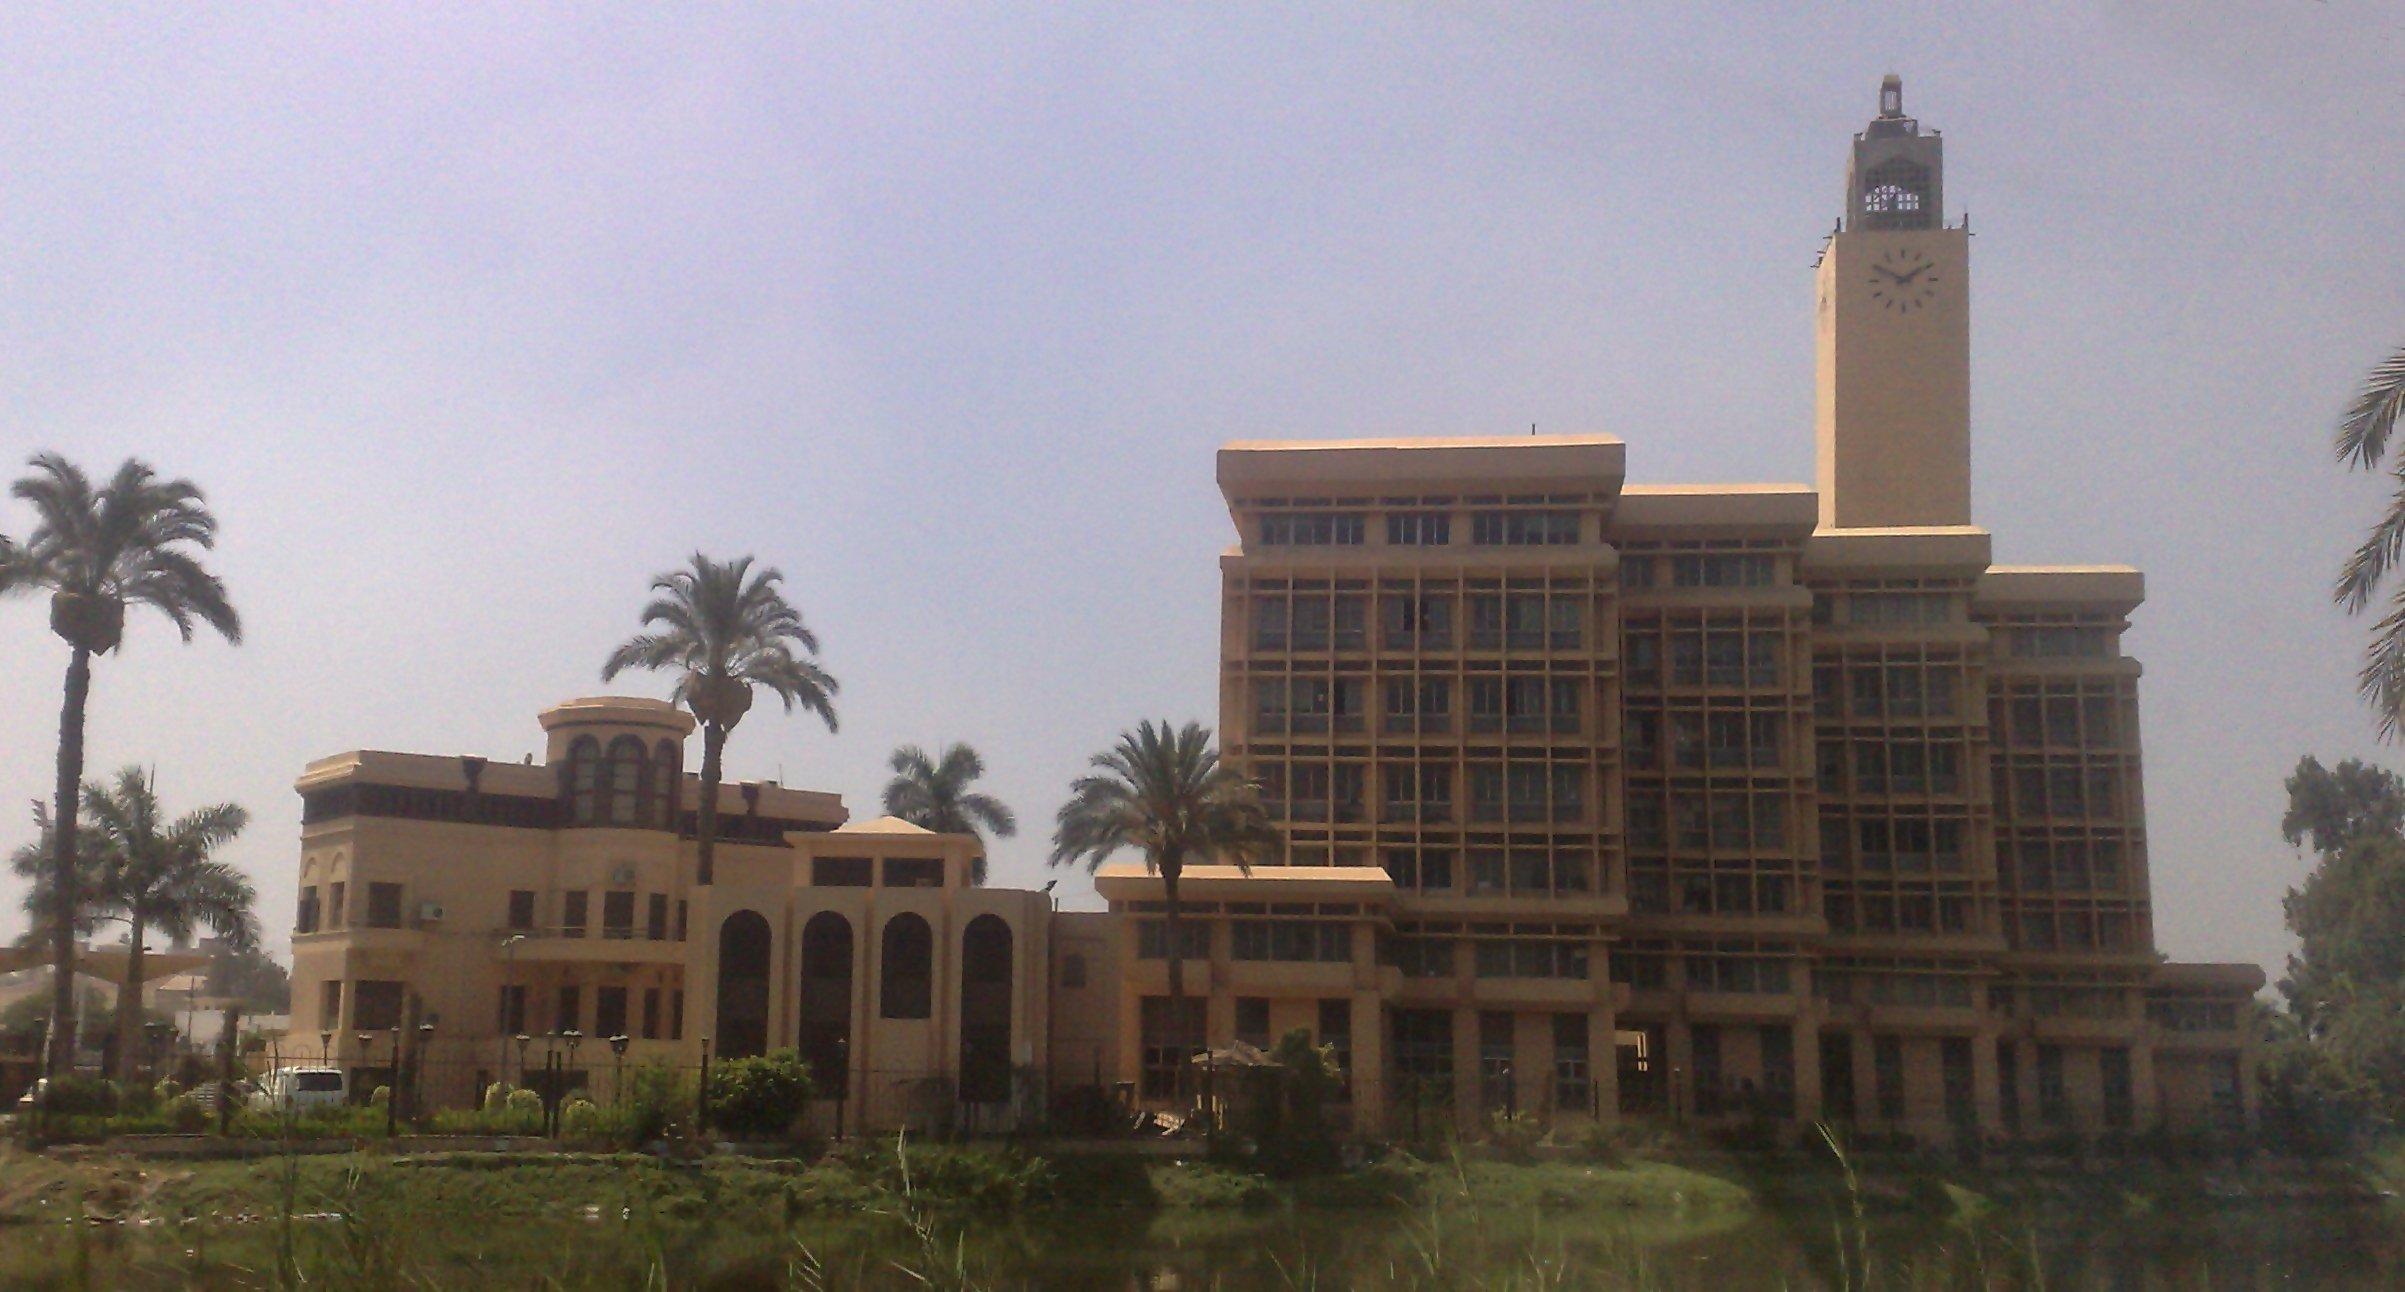 المؤتمر العلمي الدولي الثاني في اللغة العربية: مسارات التأويل وعلوم اللغة العربية